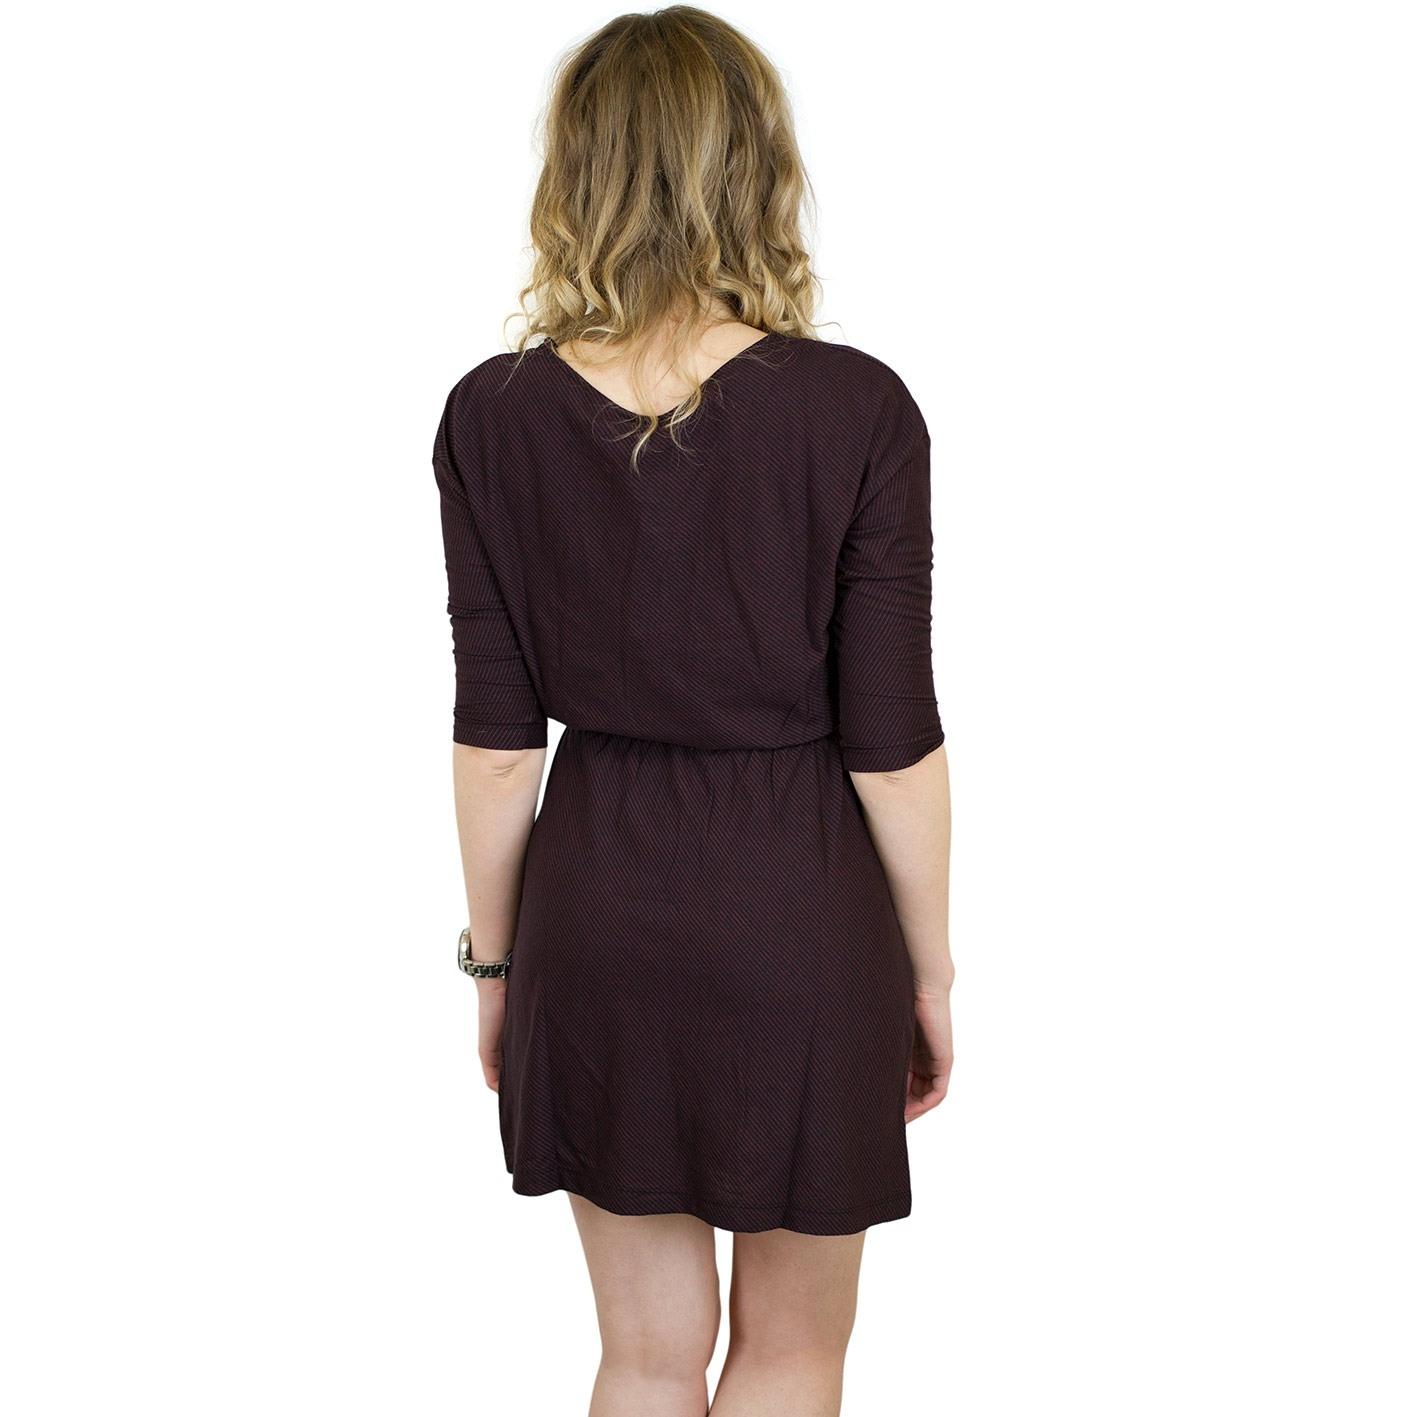 Formal Erstaunlich Kleid Schwarz Rot Spezialgebiet20 Großartig Kleid Schwarz Rot Stylish